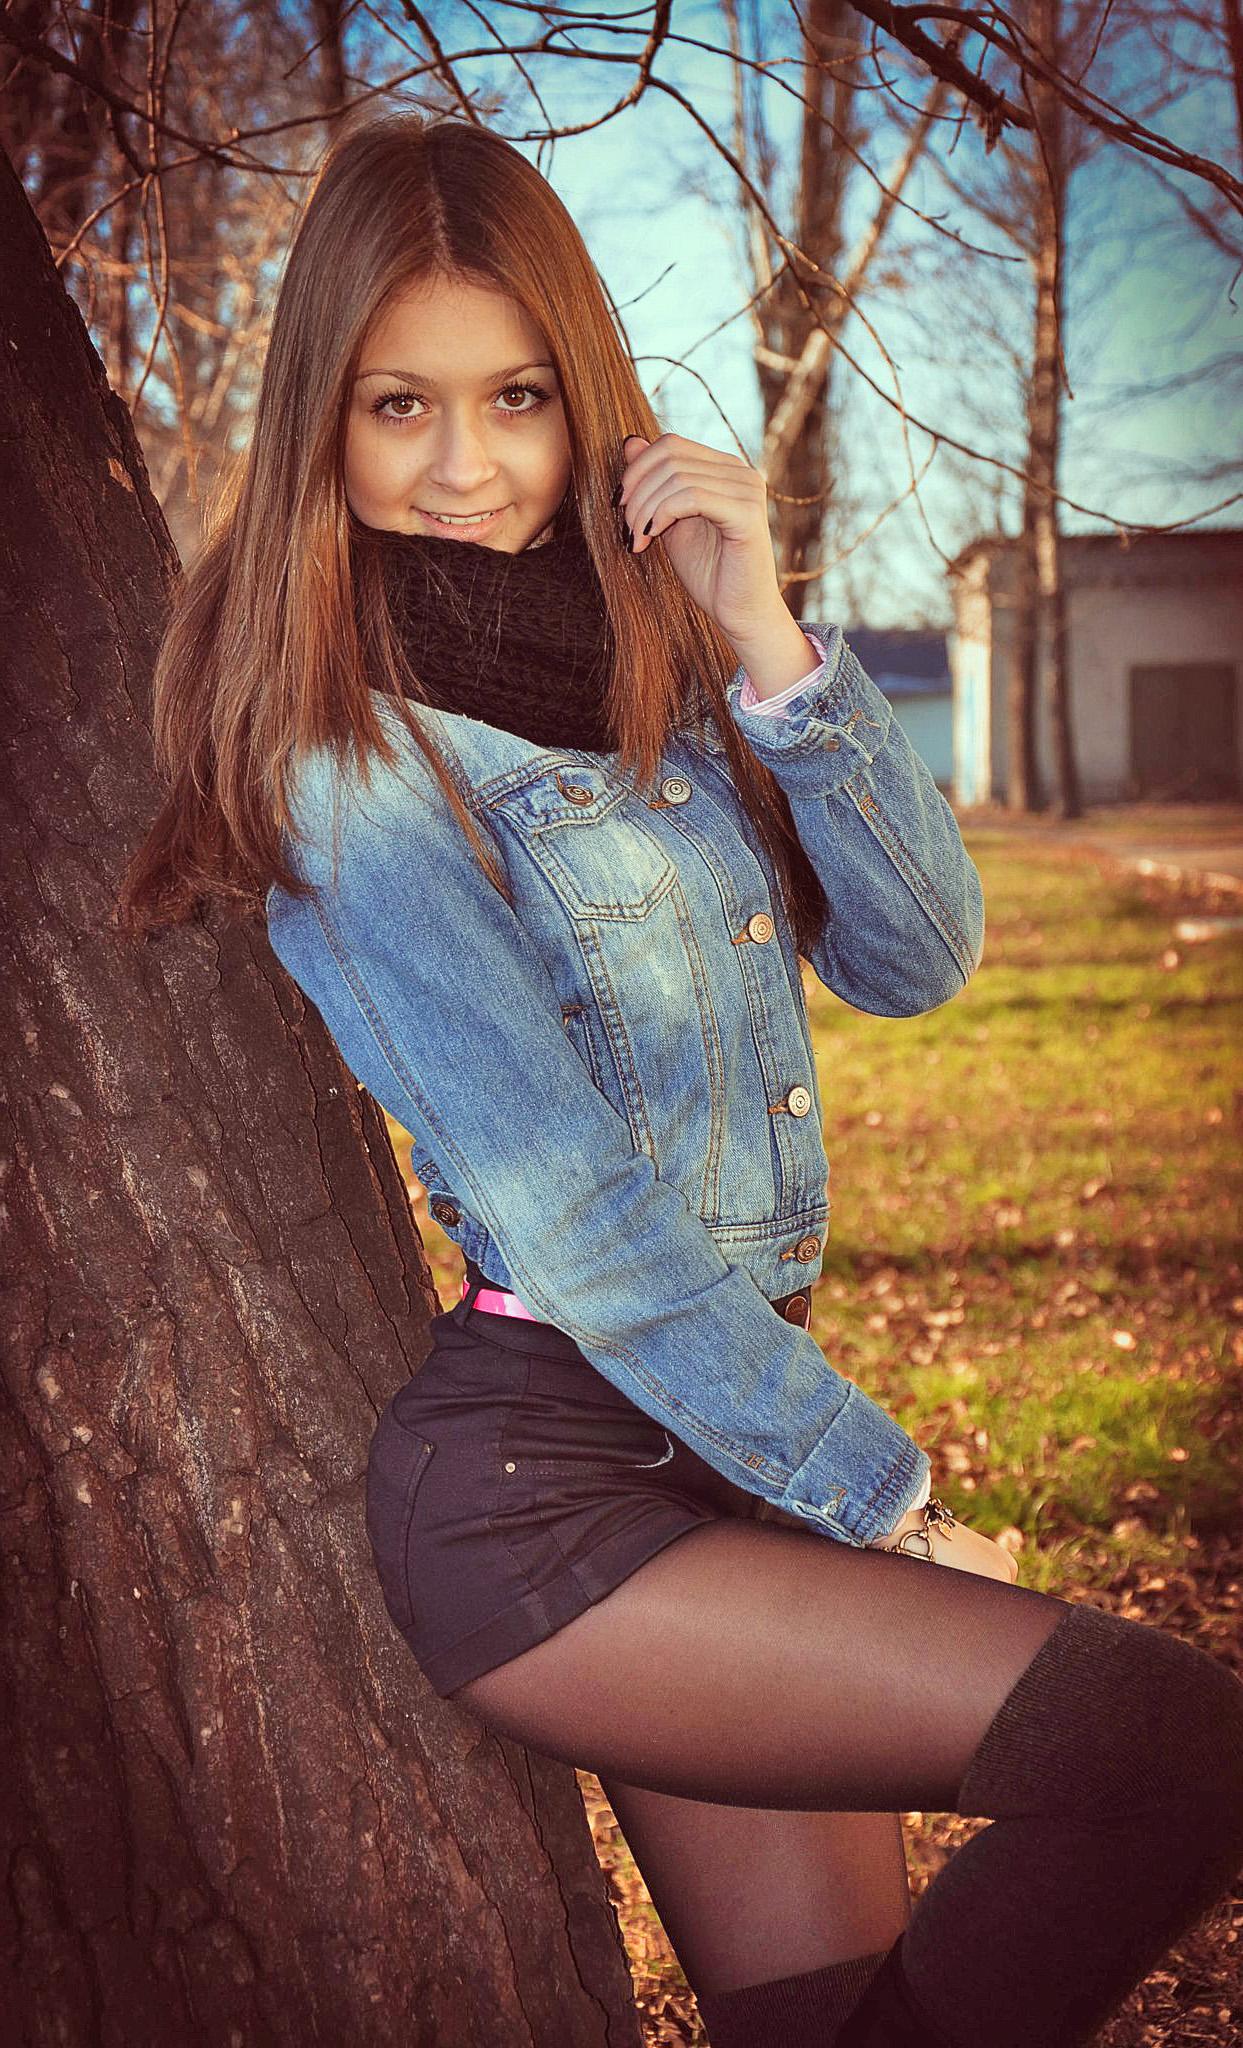 Юная милашка в джинсовой куртке